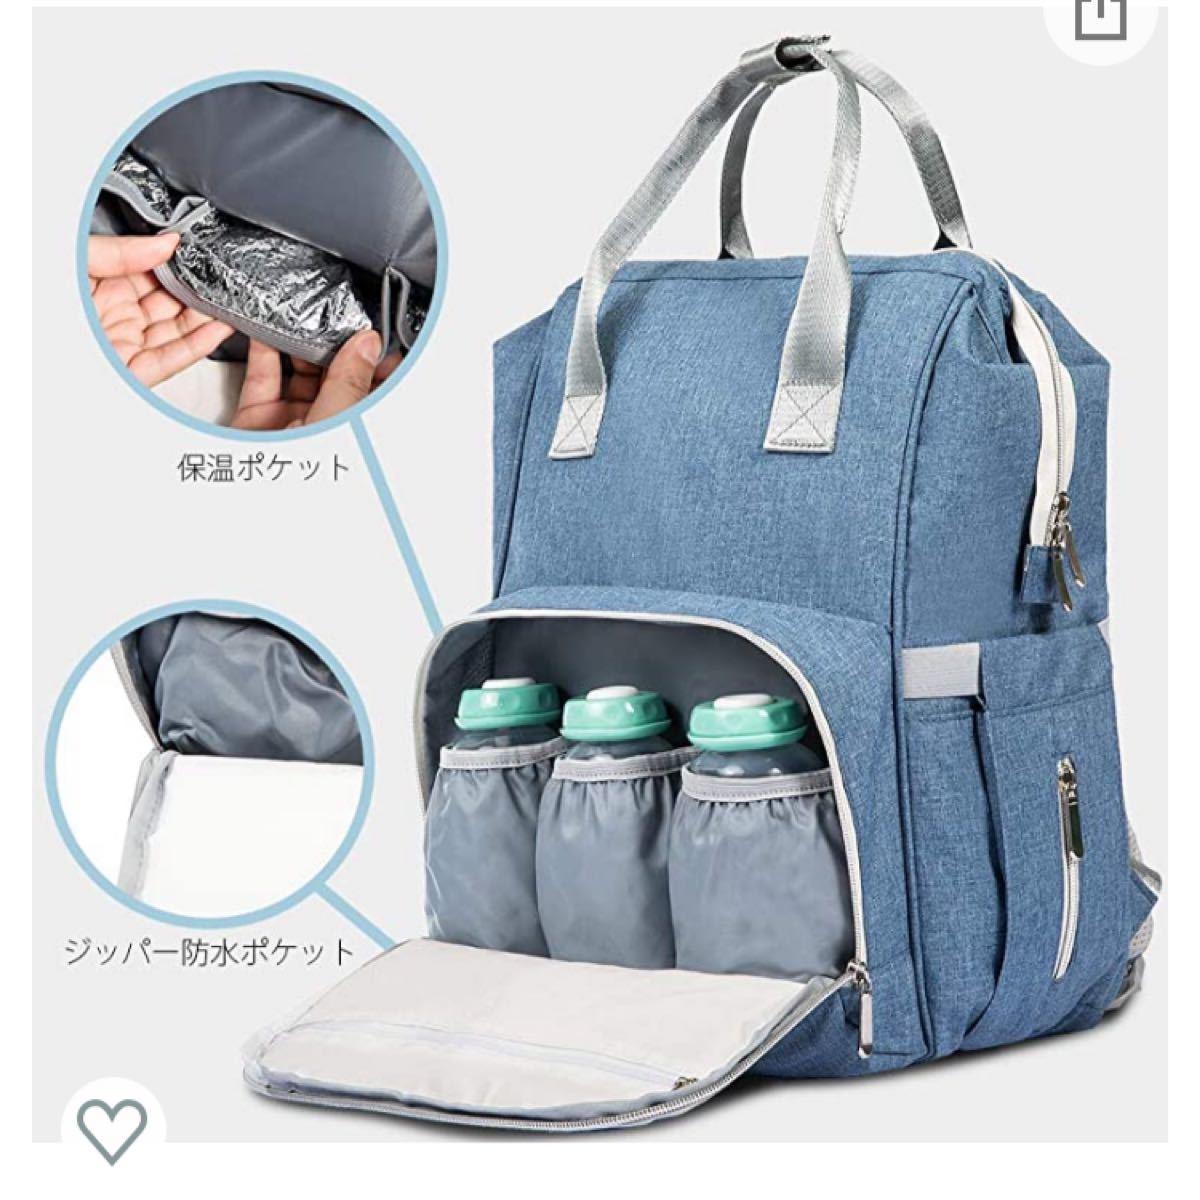 マザーズバッグ リュック 防水 ママバッグ 盗難防止ポケット 保温ポケット付き